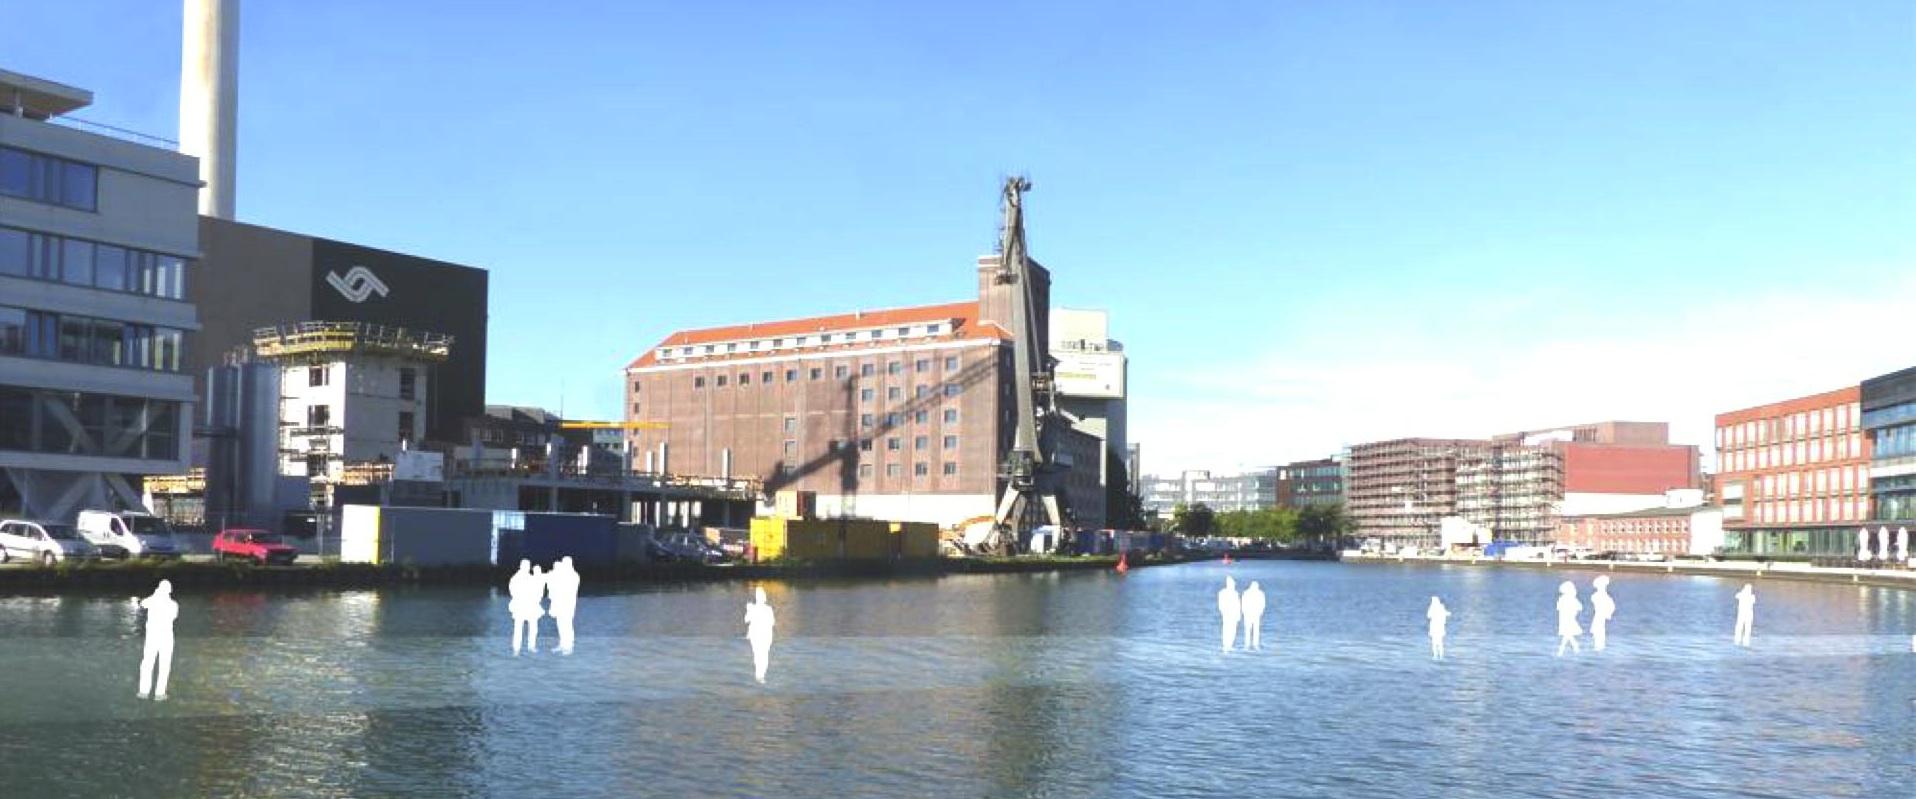 Skulptur Projekte Münster: eine Langzeitstudie